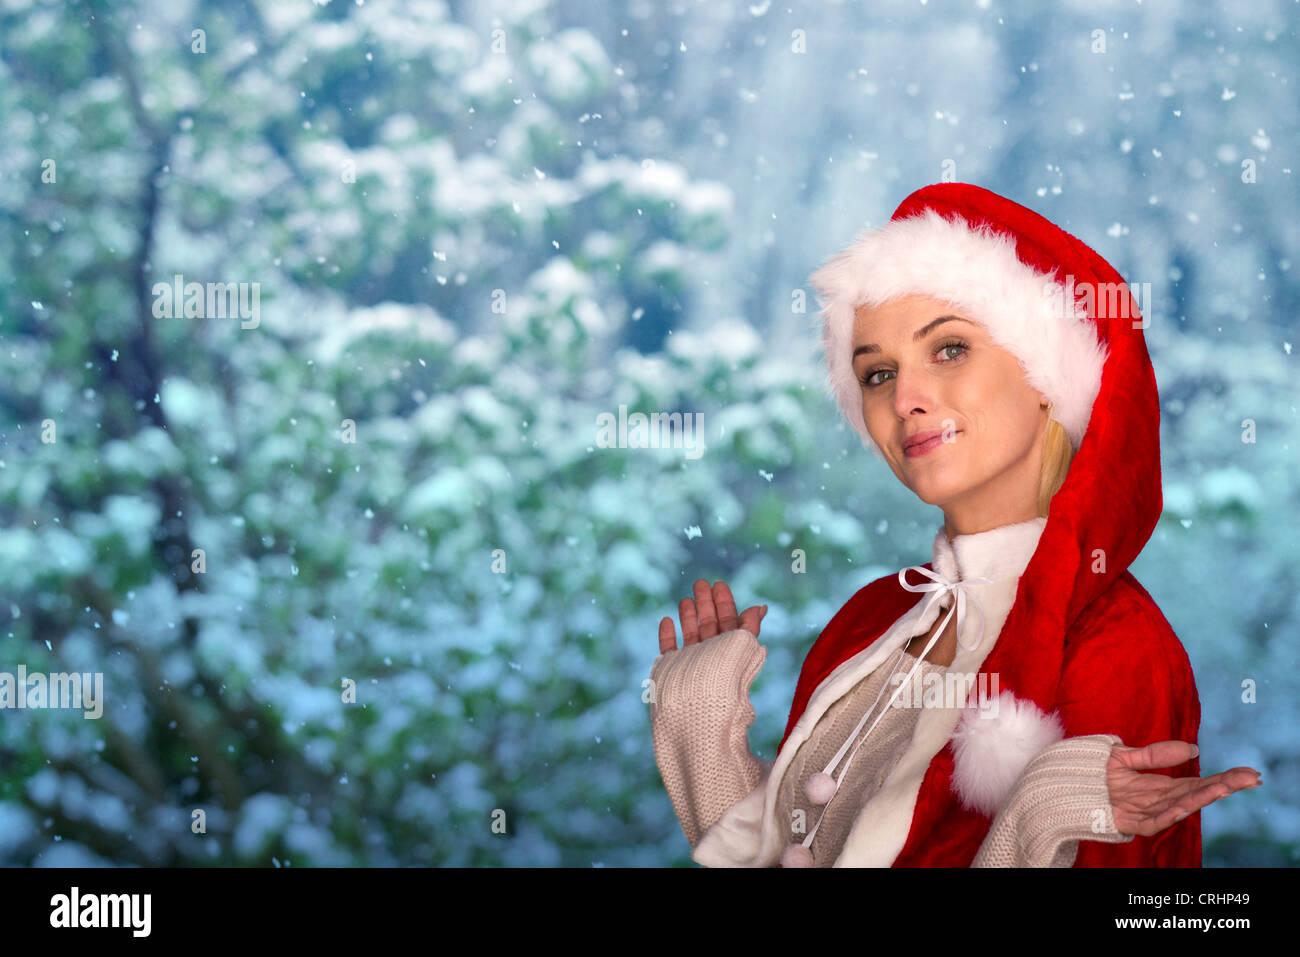 Woman wearing Santa hat, wintery scene in background, portrait - Stock Image